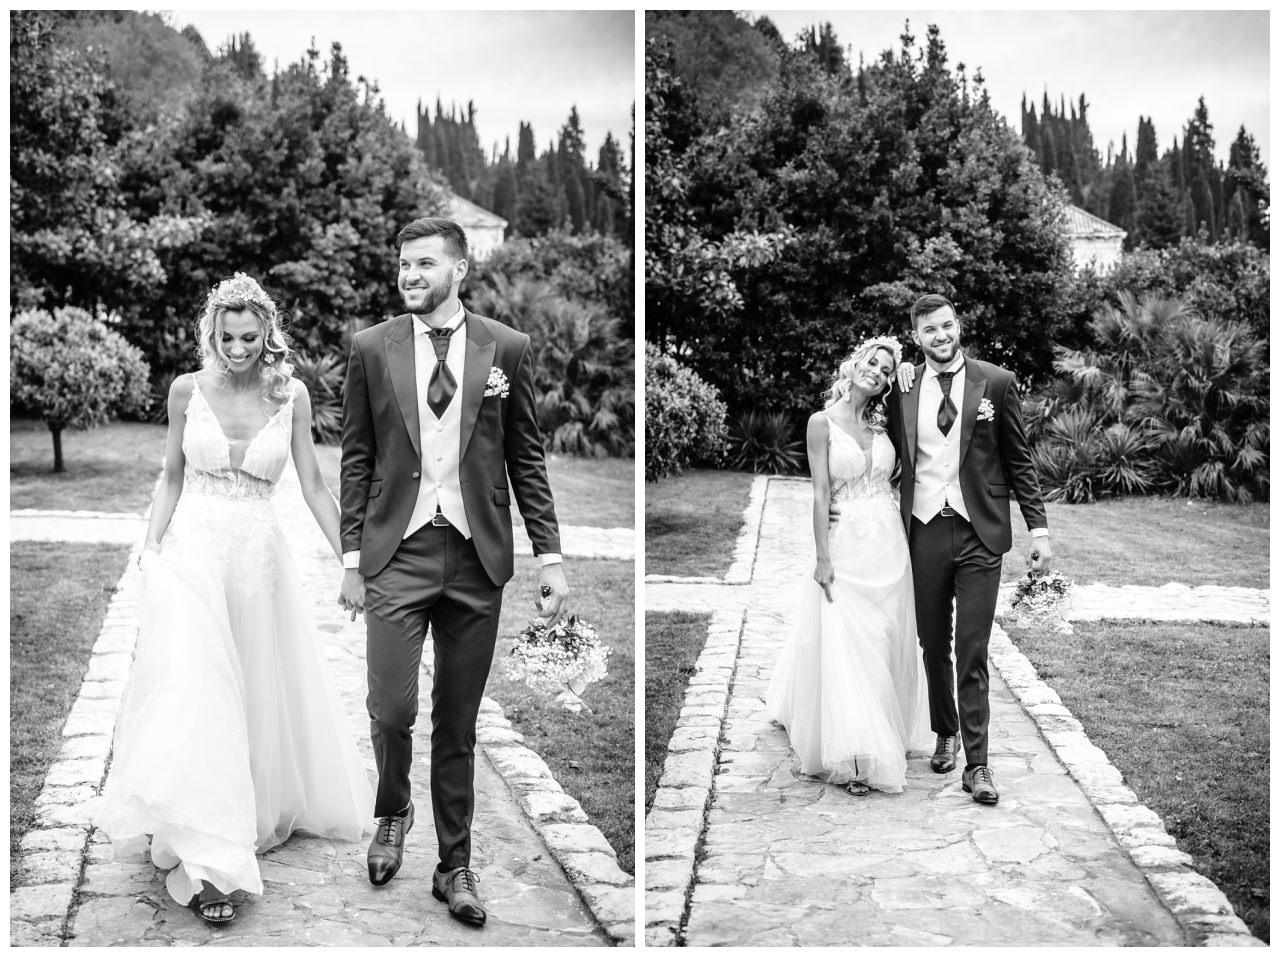 Hochzeit Villa Kroatien Hochzeitsplanung Fotograf 43 - Romantische Hochzeit in einer Villa